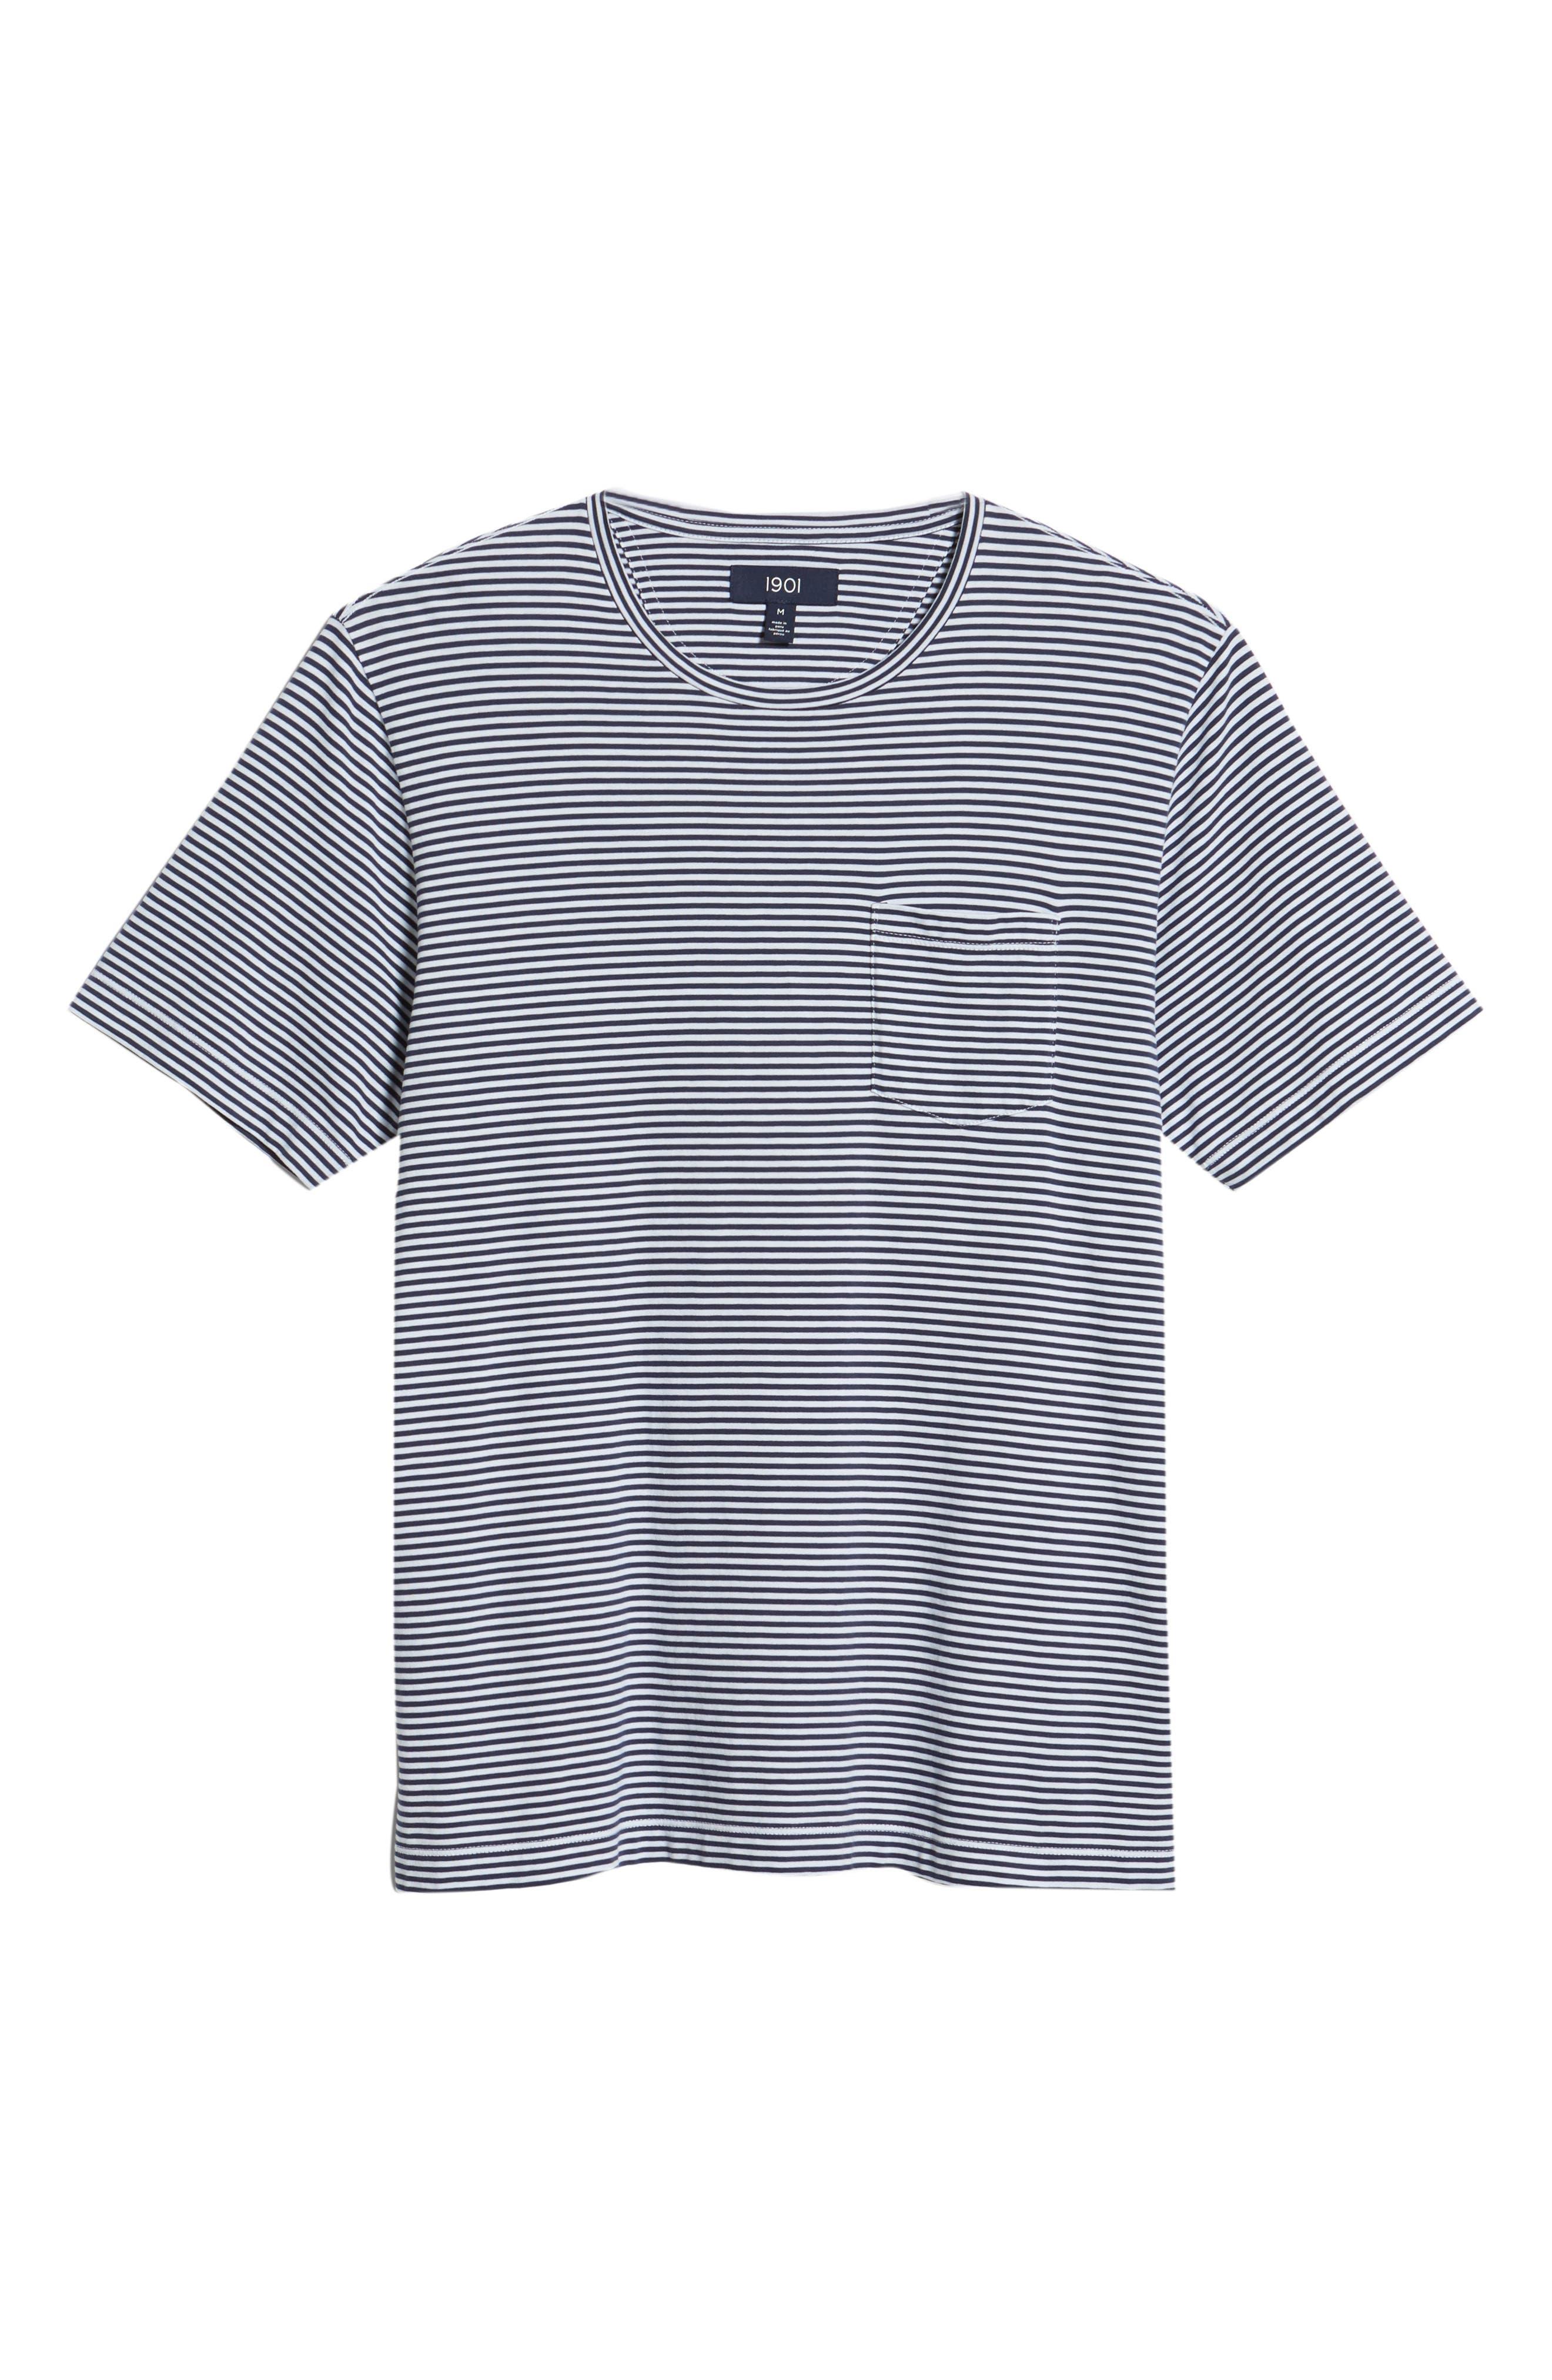 Stripe Brushed Pima Cotton T-Shirt,                             Alternate thumbnail 6, color,                             Navy Iris Mini Stripe